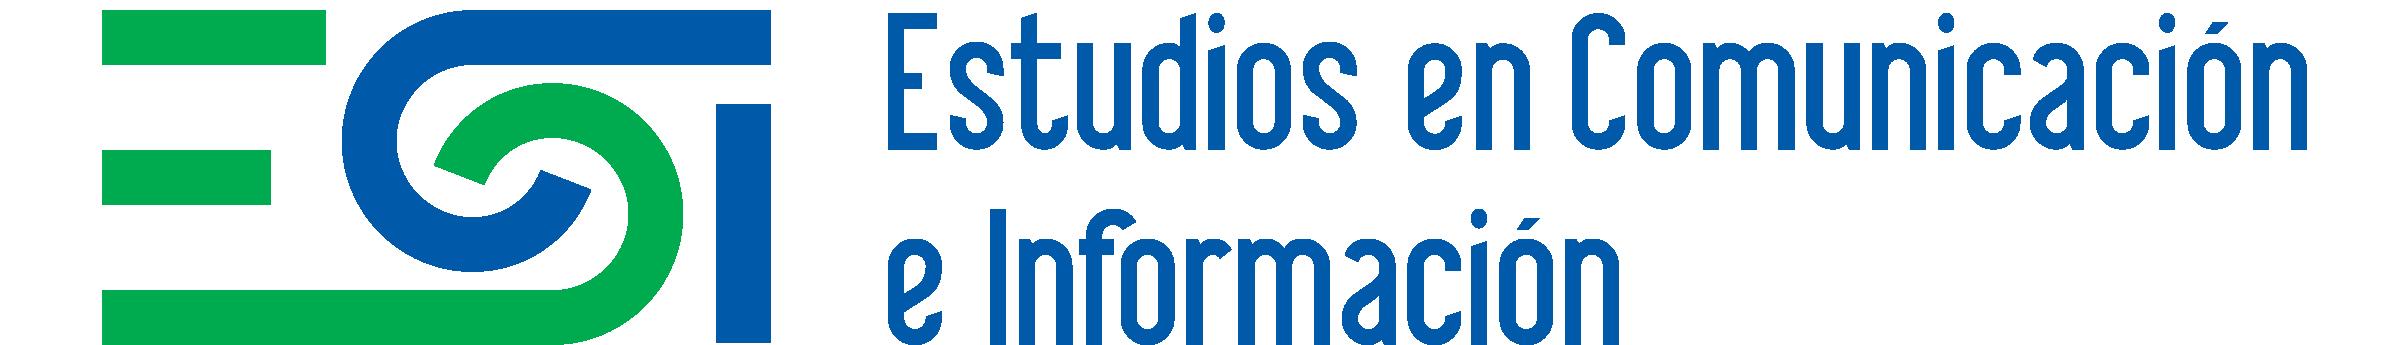 Logo_Op1_jpg